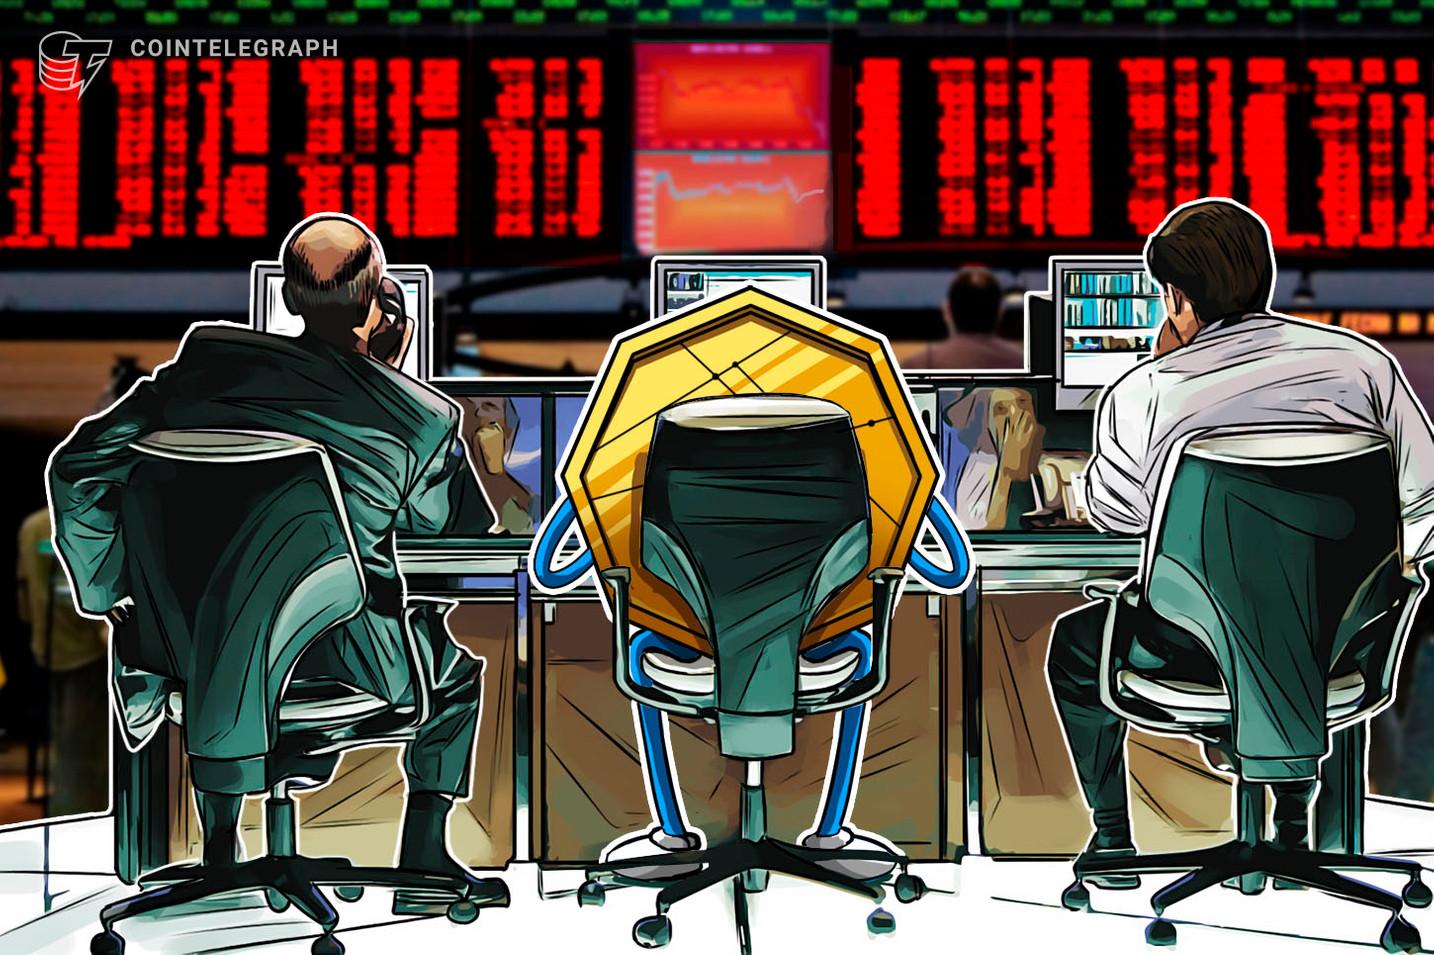 El índice VIX muestra que hay temor en el mercado de acciones, más que durante la crisis de 2008, fecha del nacimiento de Bitcoin